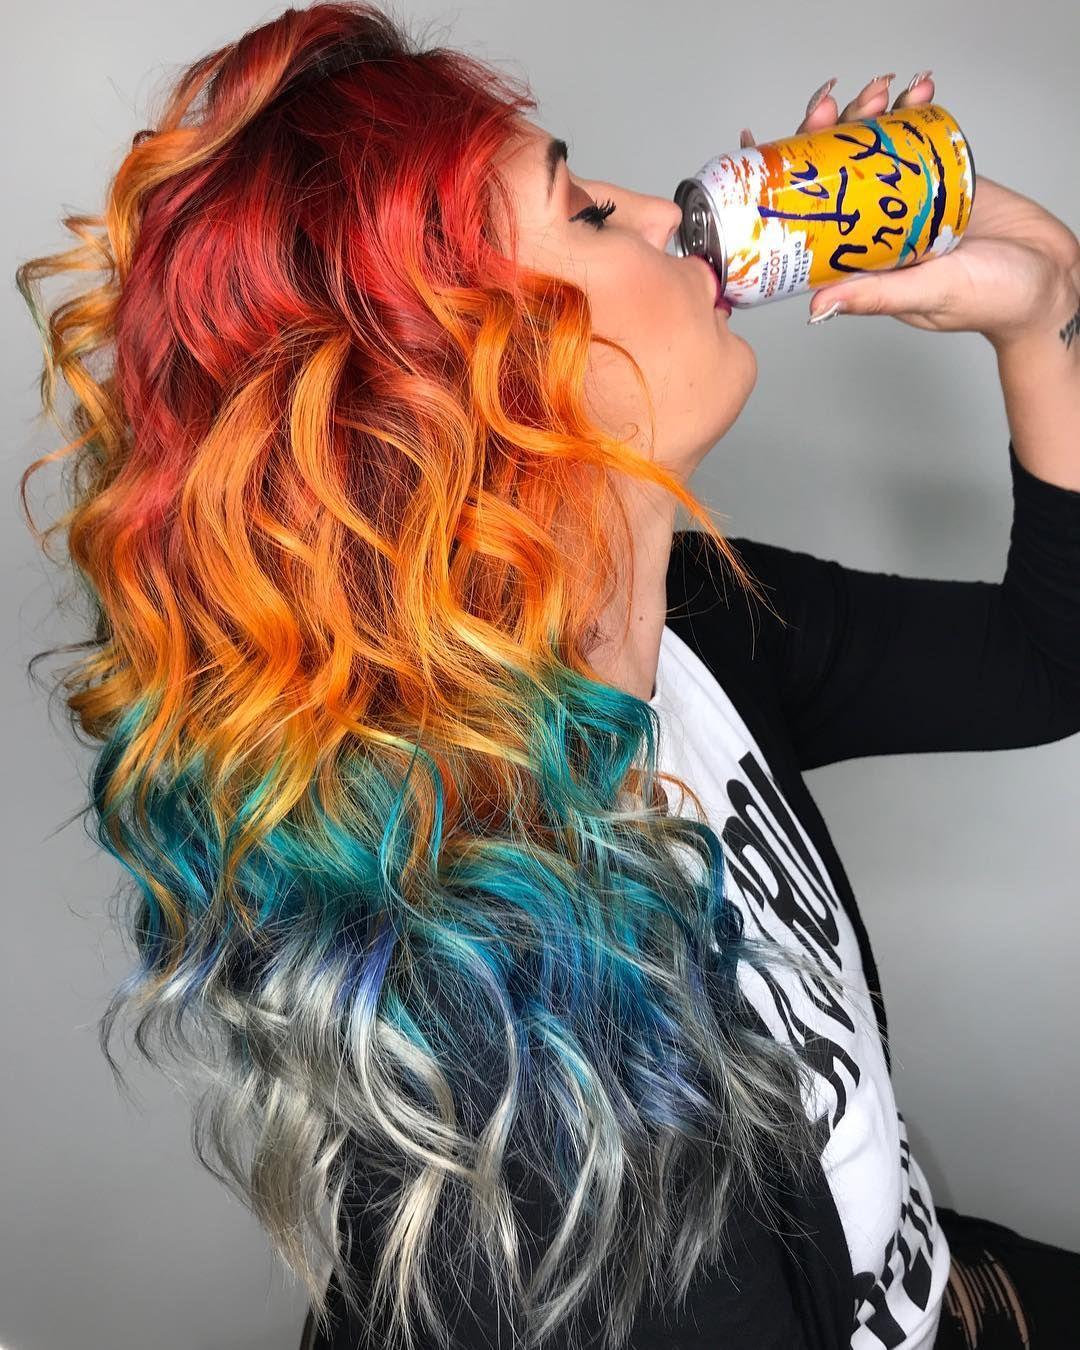 Gökkuşağı Renkli Saç Renkleri Ve Trendleri 2017